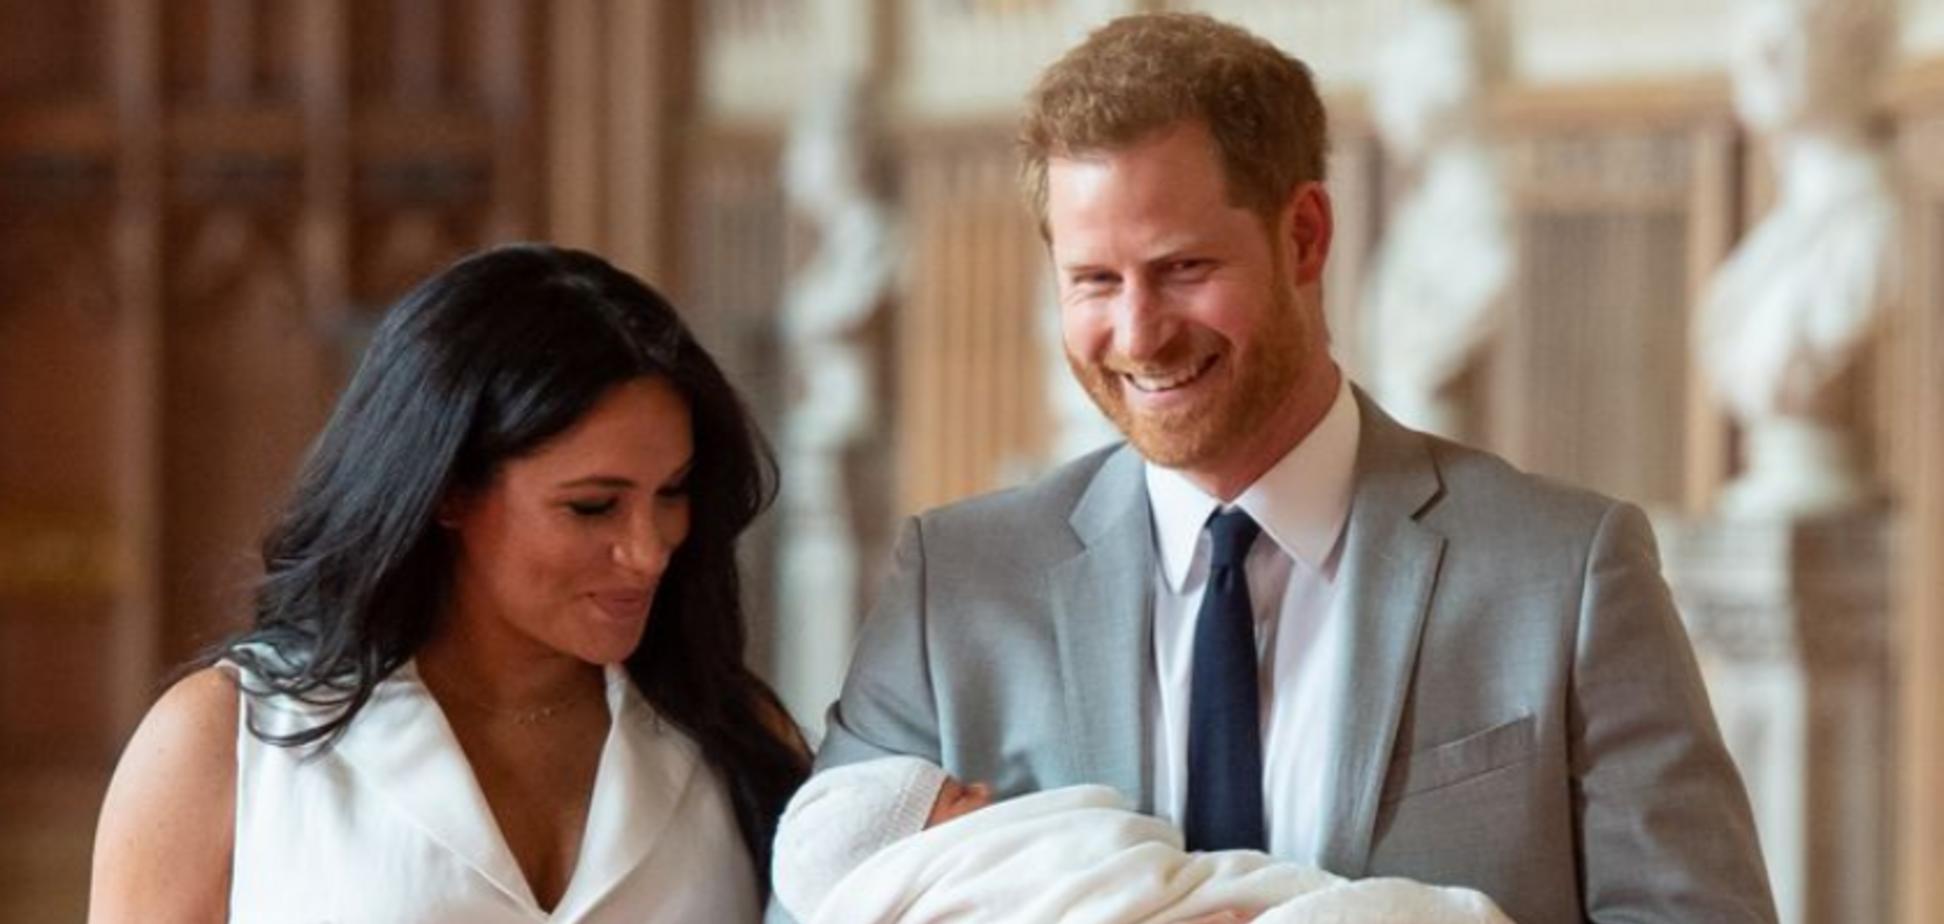 Принц Гарри и Меган Маркл с ребенком